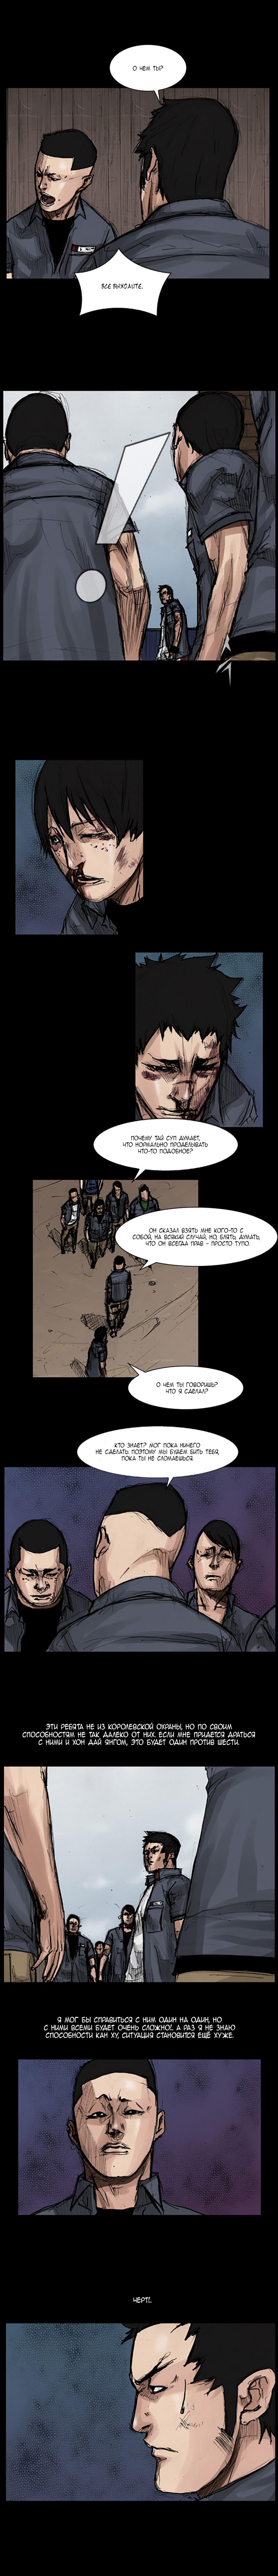 Манга Токко / Dokgo - Том 1 Глава 31 Страница 4